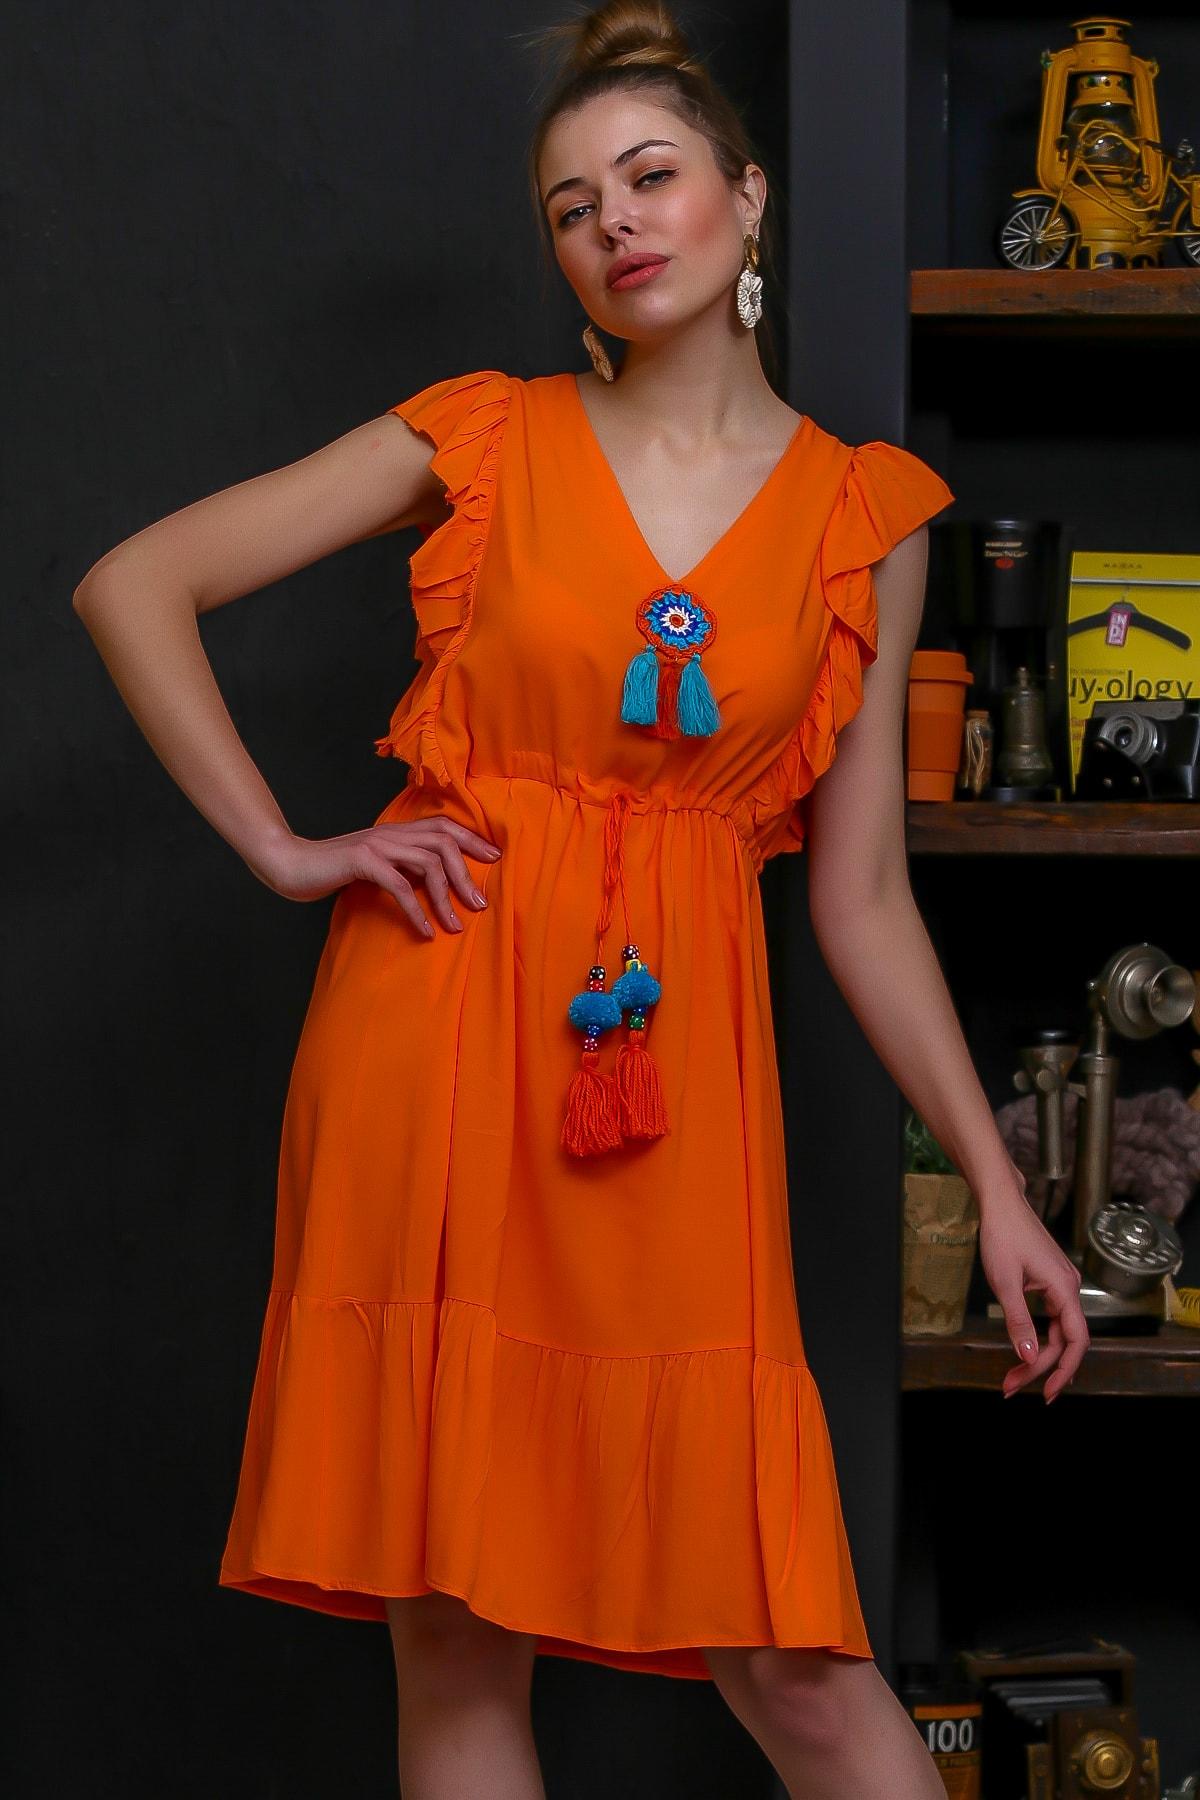 Chiccy Kadın Turuncu Fırfır Detaylı Tığ İşi Örgü Çiçek Detaylı Dev Püsküllü Dokuma Elbise M10160000EL95869